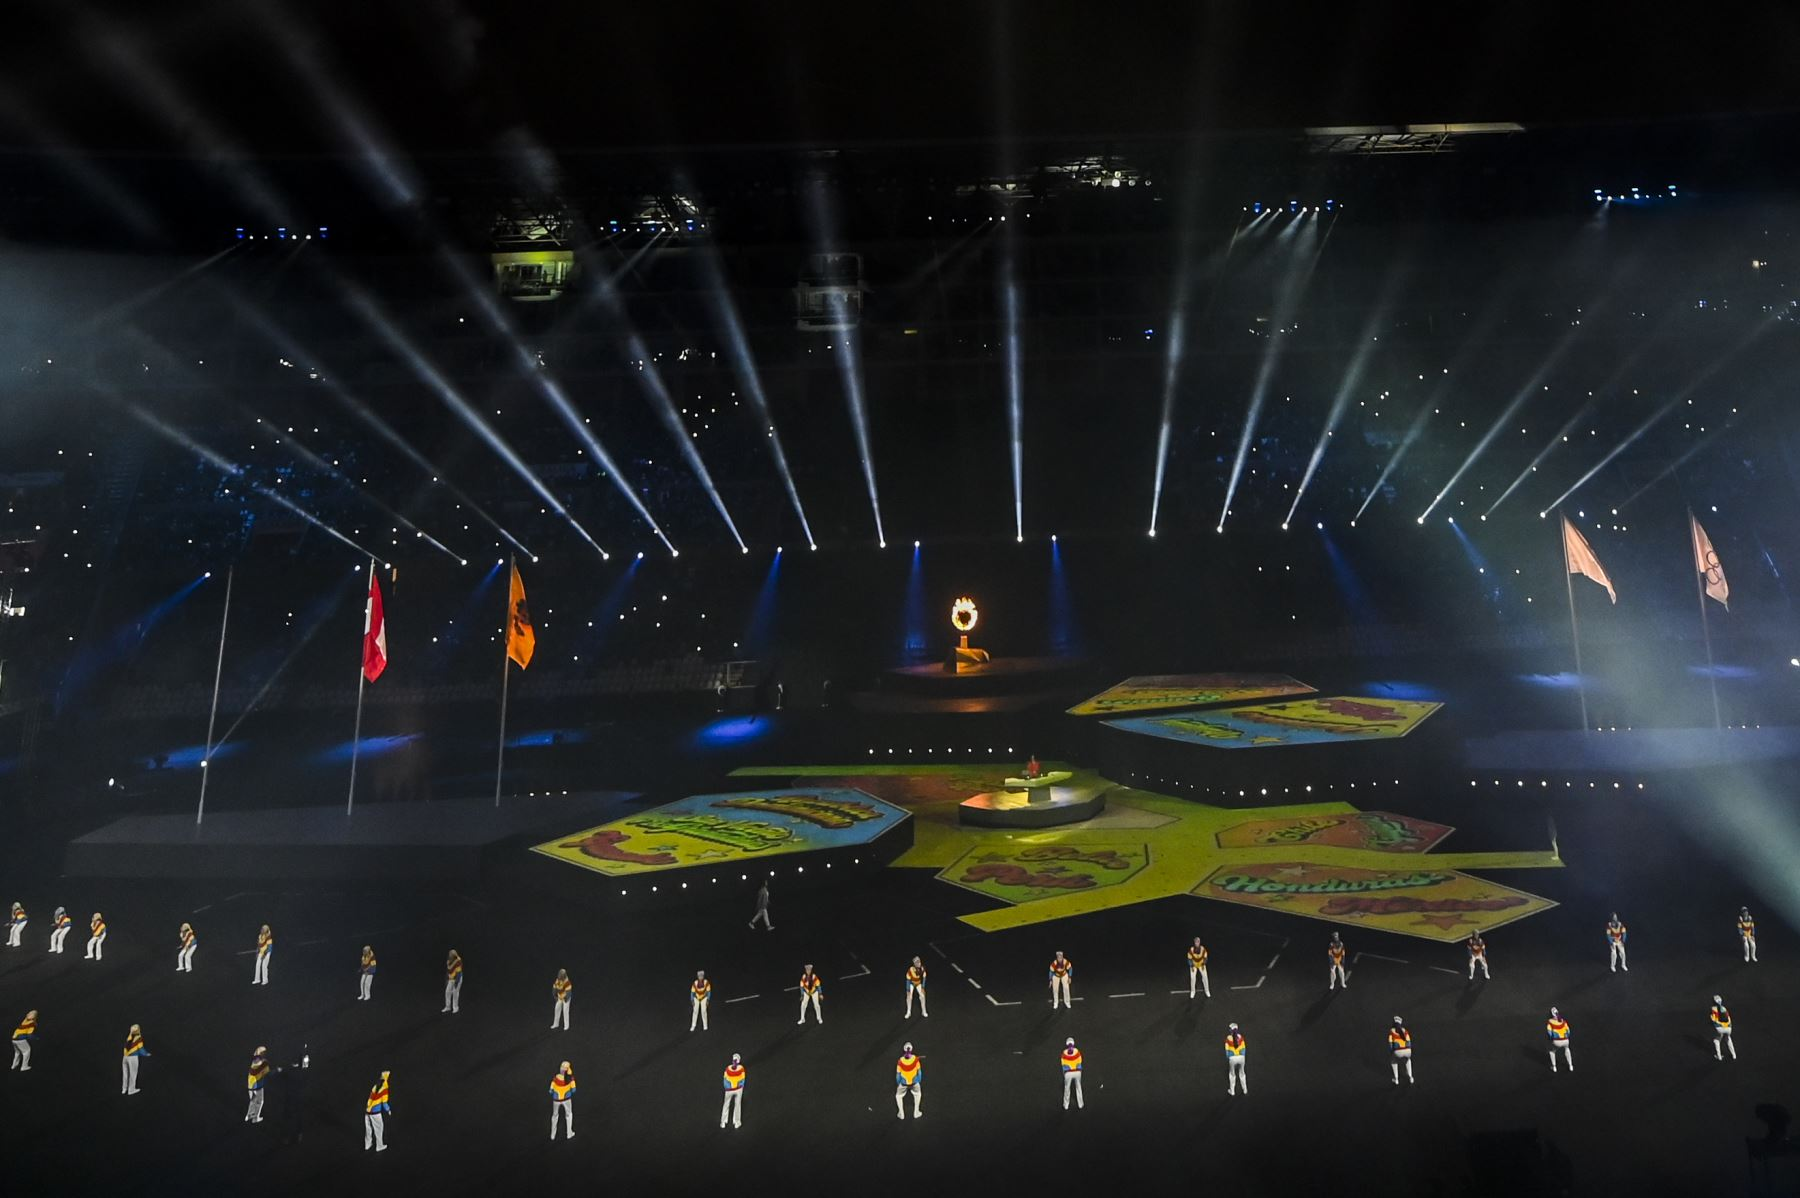 Vista general tomada durante la ceremonia de clausura de los Juegos Panamericanos de Lima 2019 en Lima el 11 de agosto de 2019. AFP